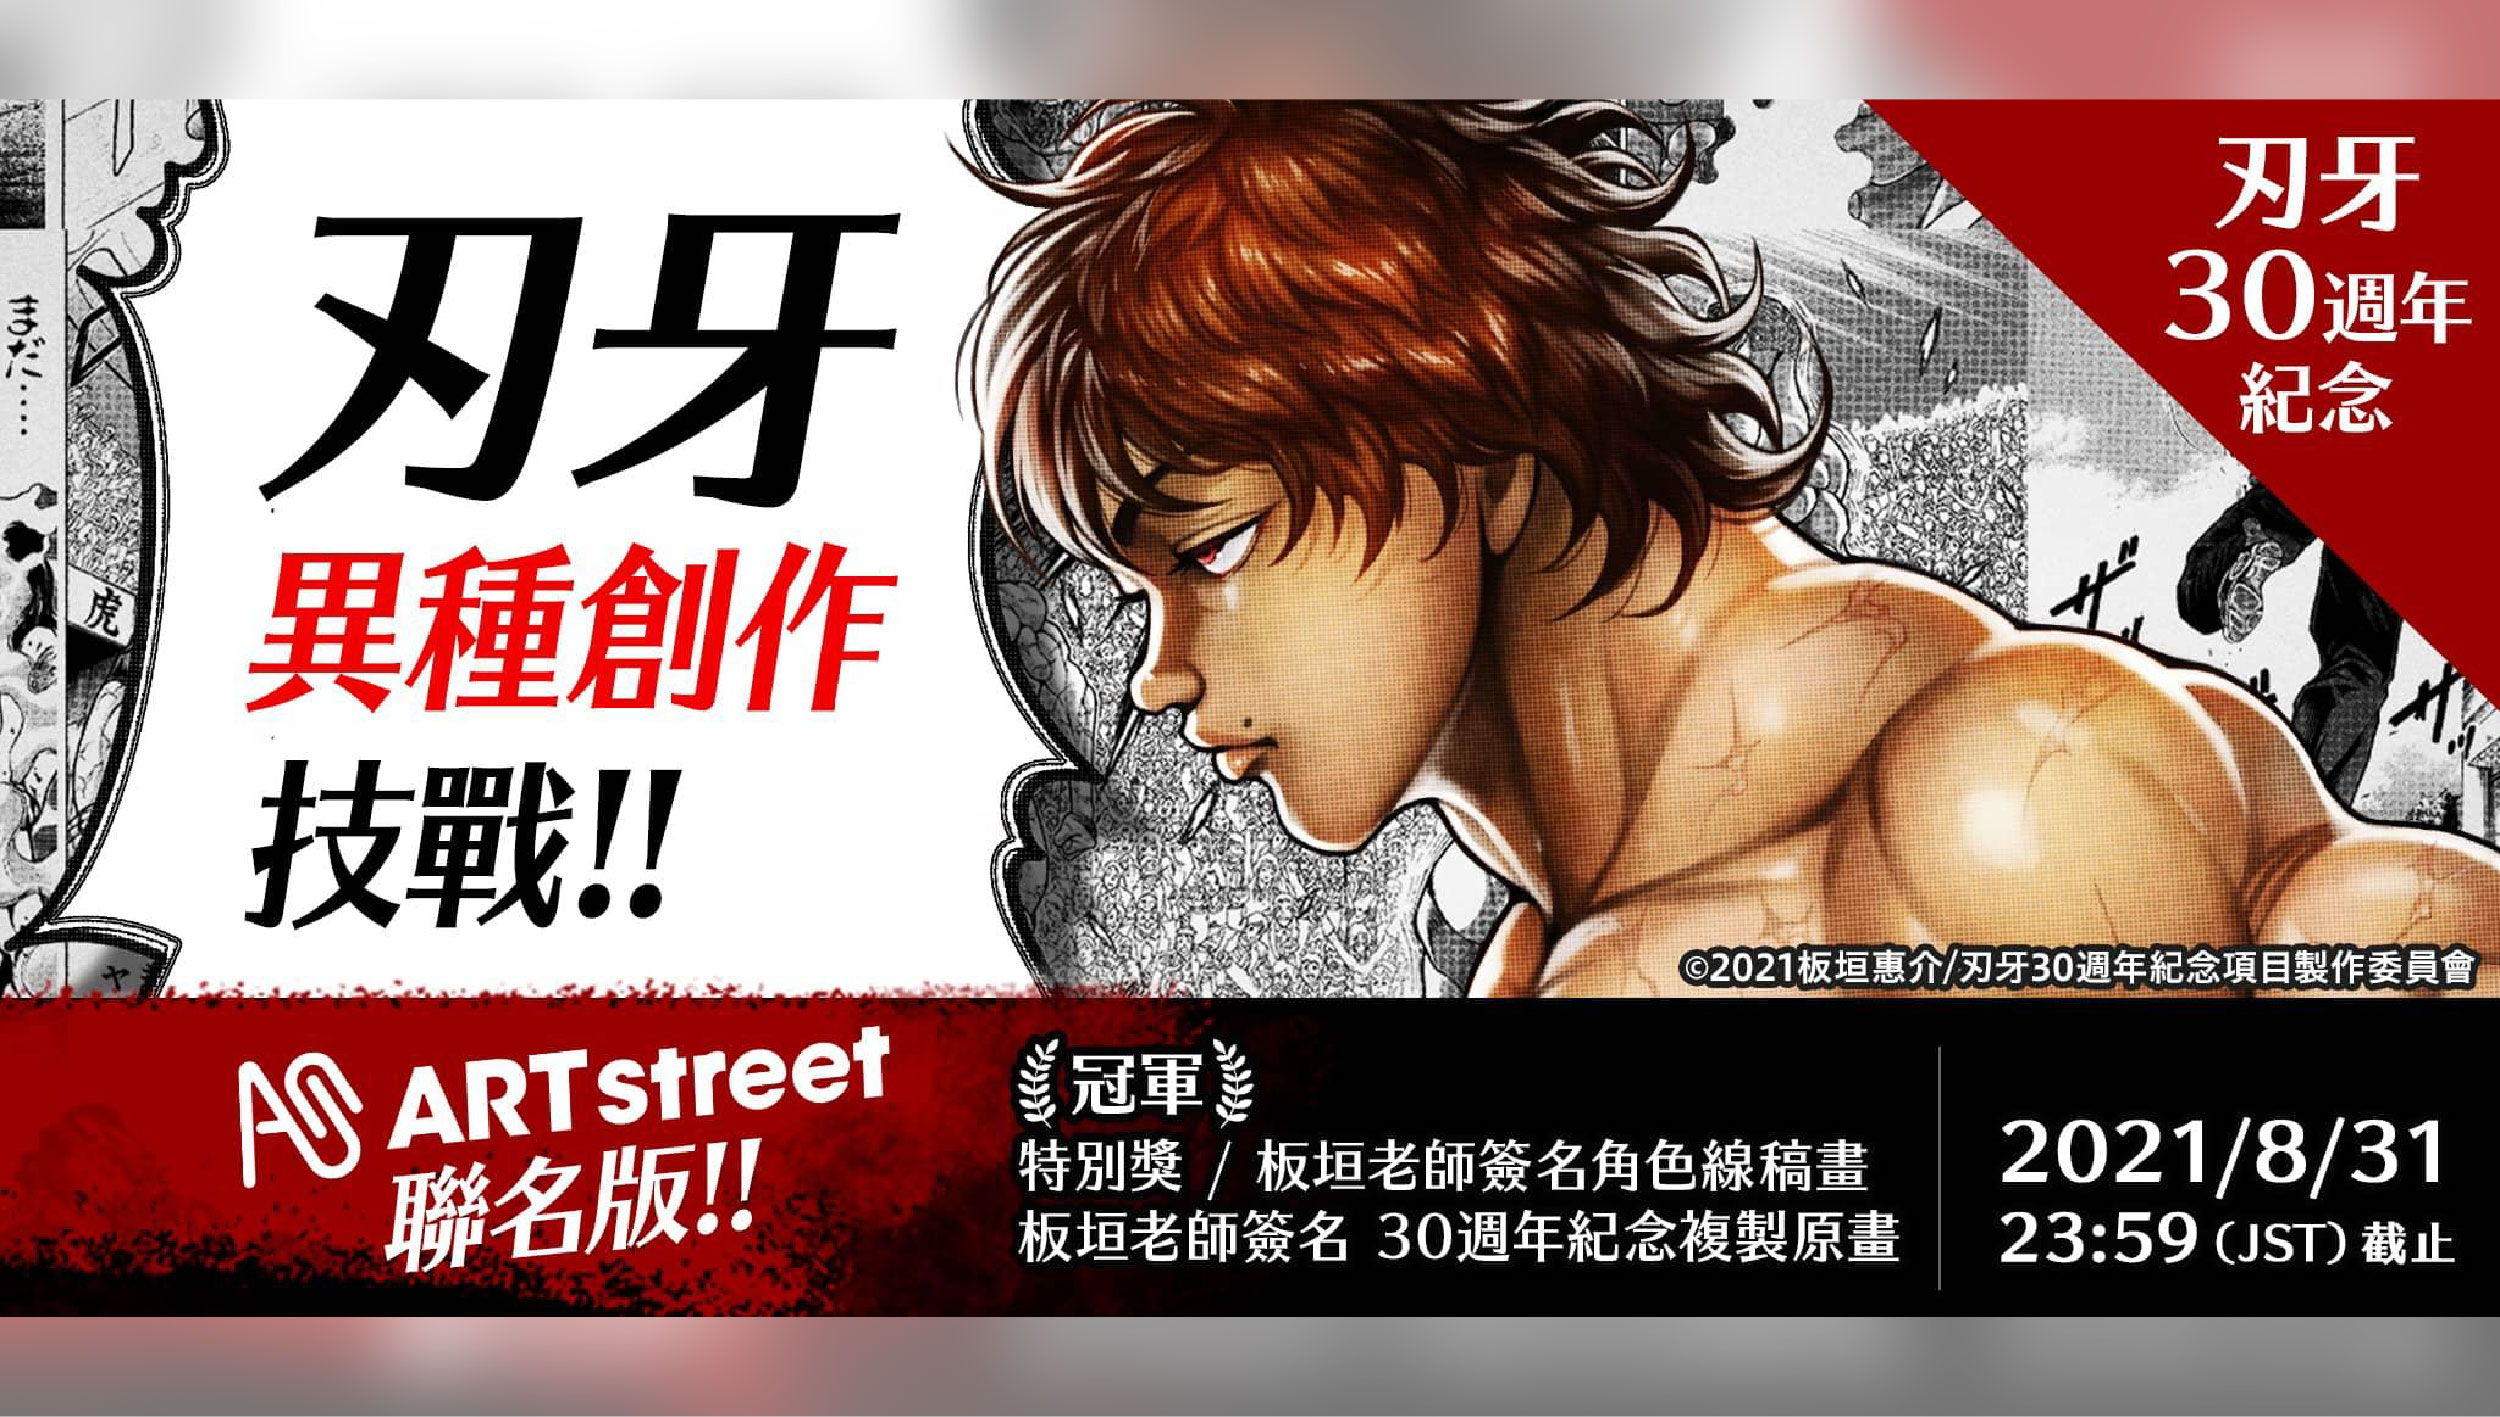 「刃牙30週年記念 刃牙異種創作技戰!!」 與ART street聯名